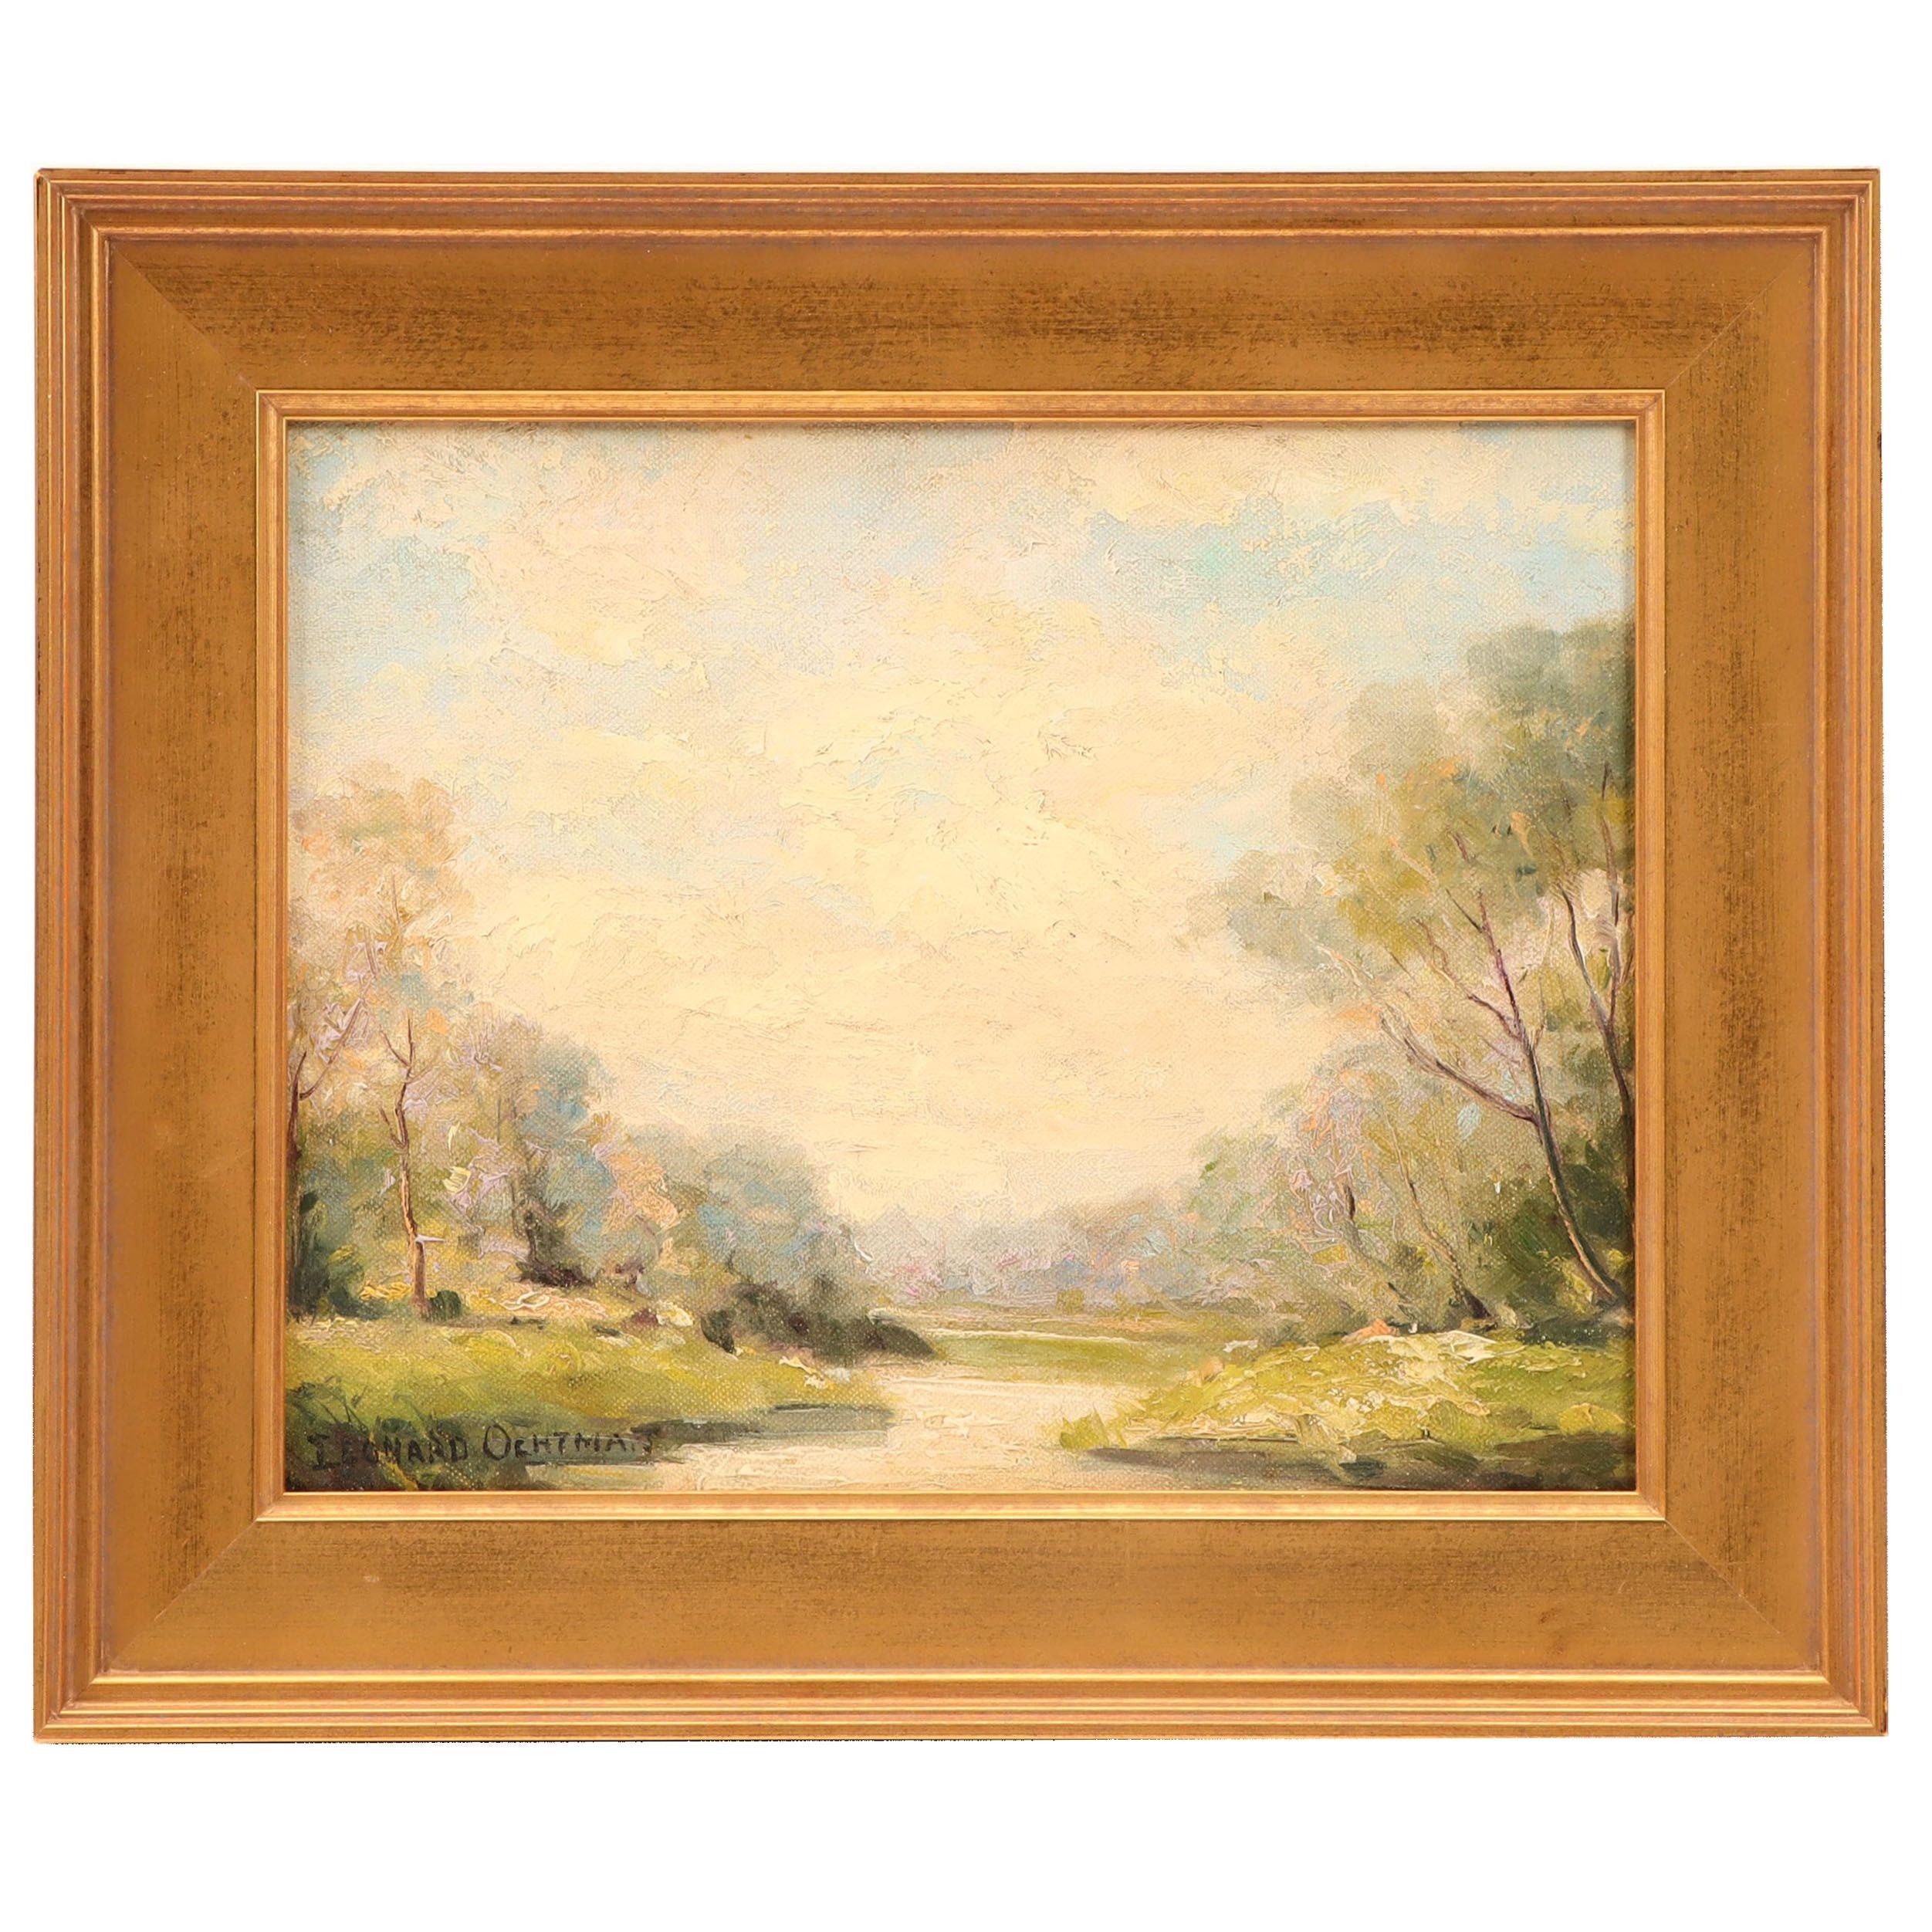 Leonard Ochtman Landscape Oil Painting of River Scene